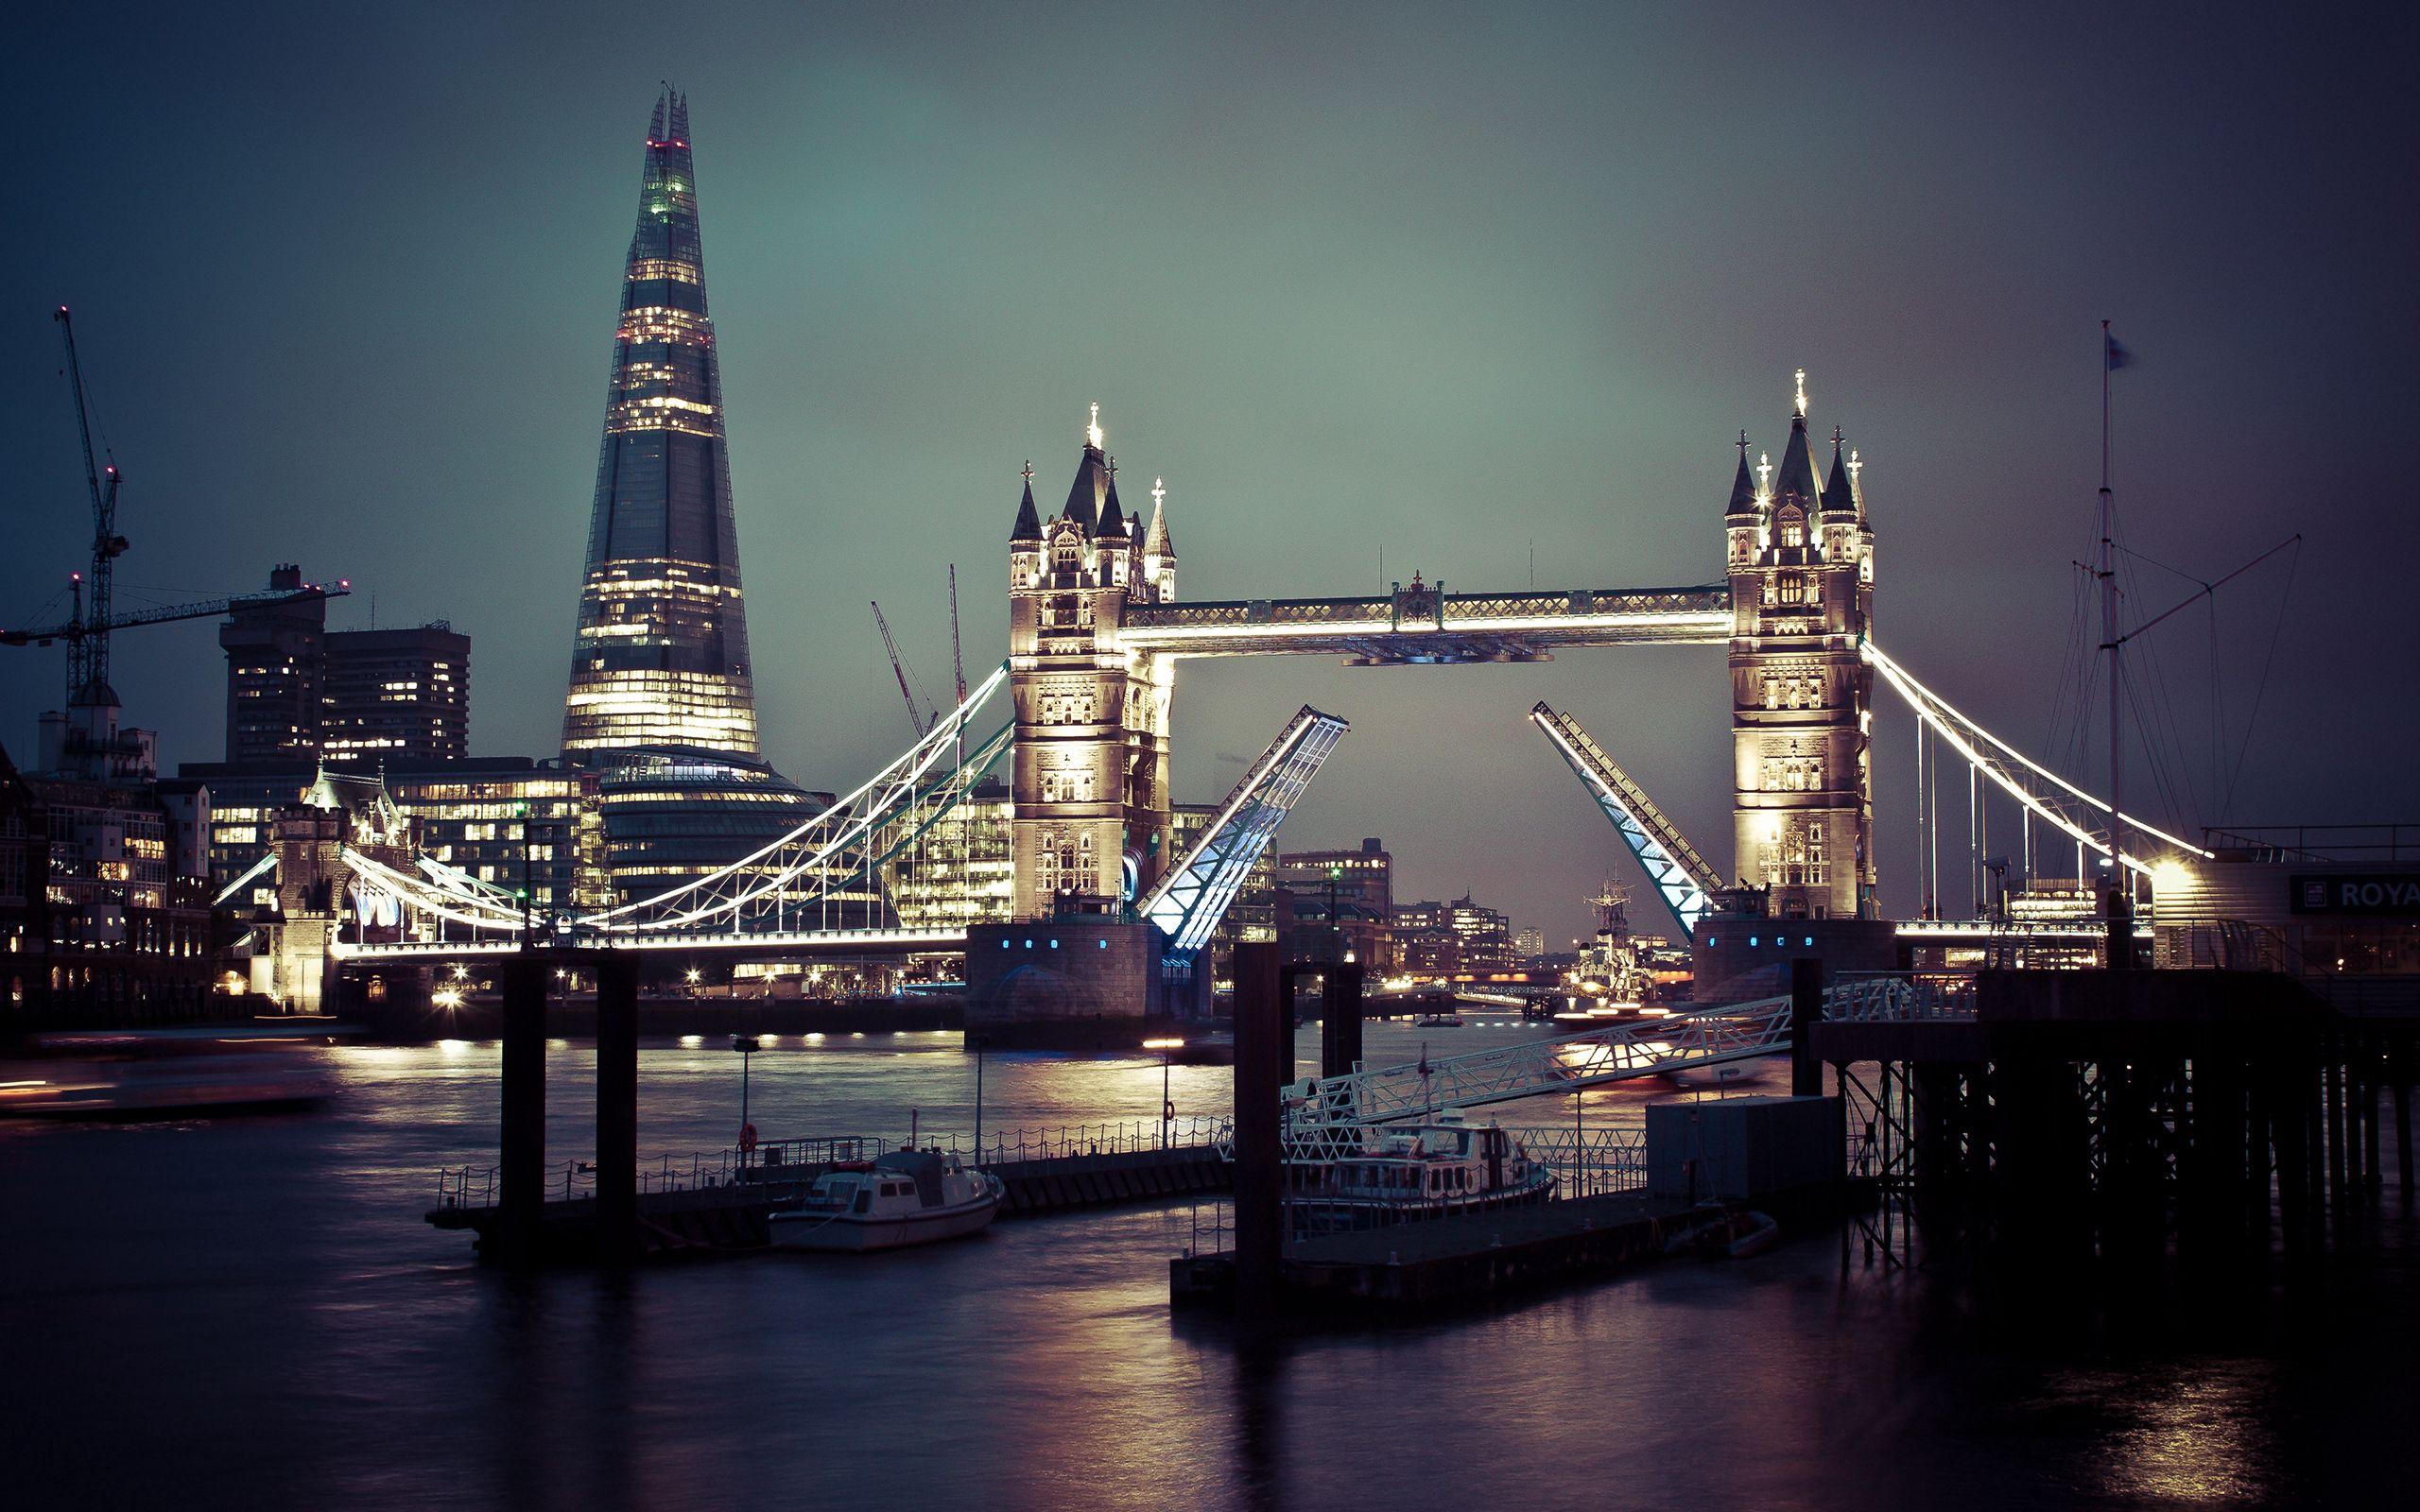 89370 Hintergrundbild herunterladen Städte, Großbritannien, London, Vereinigtes Königreich, England, Themse, Thames, Tower Bridge - Bildschirmschoner und Bilder kostenlos